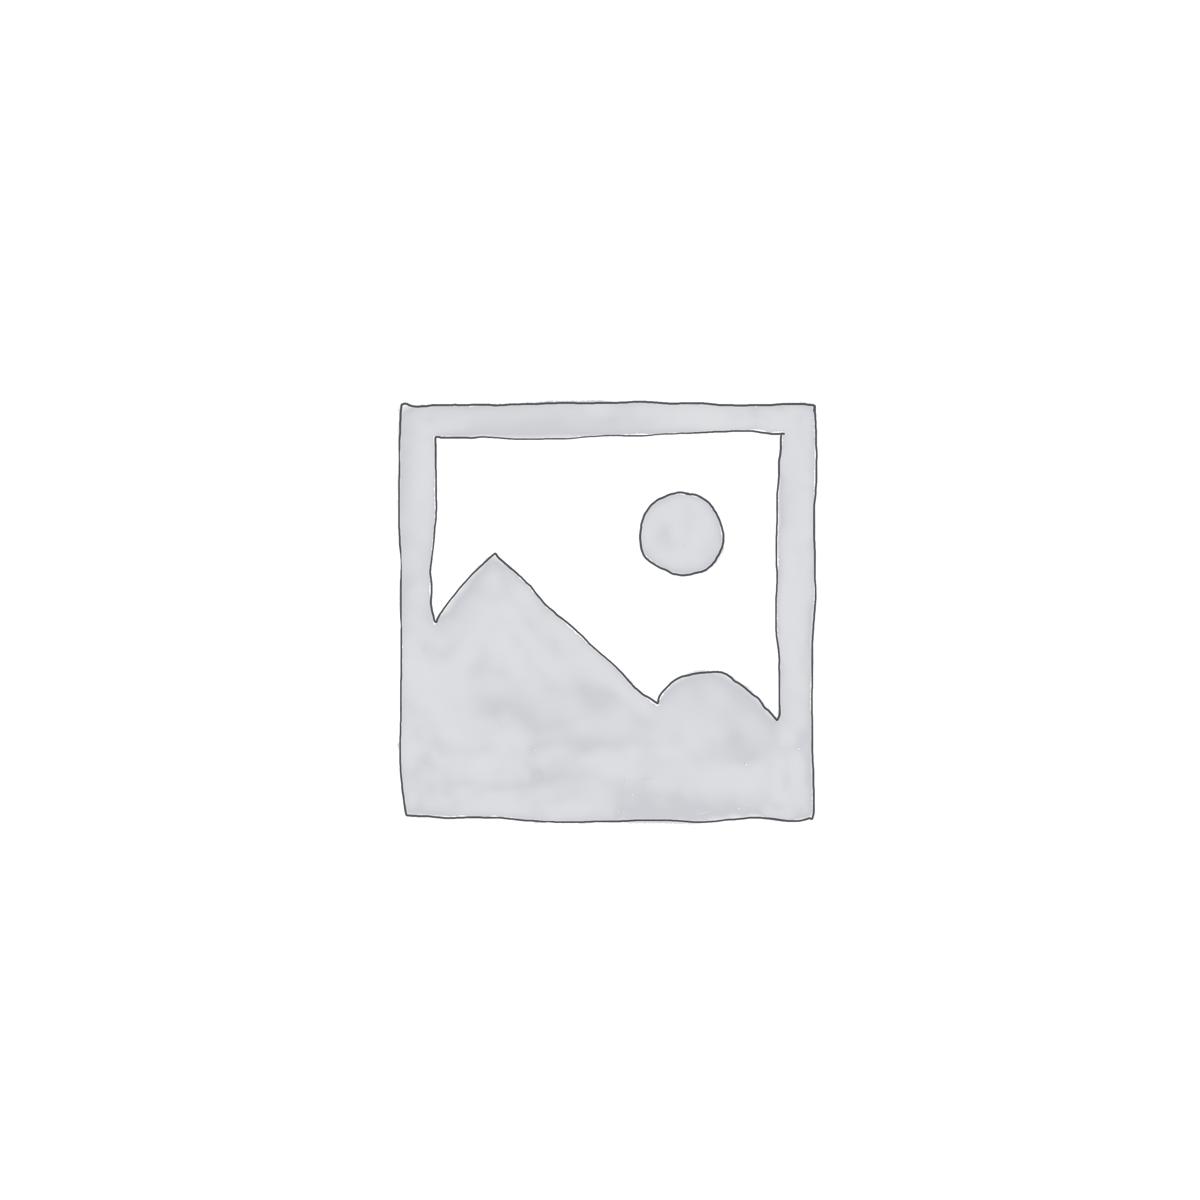 اسکوتر هوشمند SMART DRIFTING SCOOTER D2 – 8 BRL2